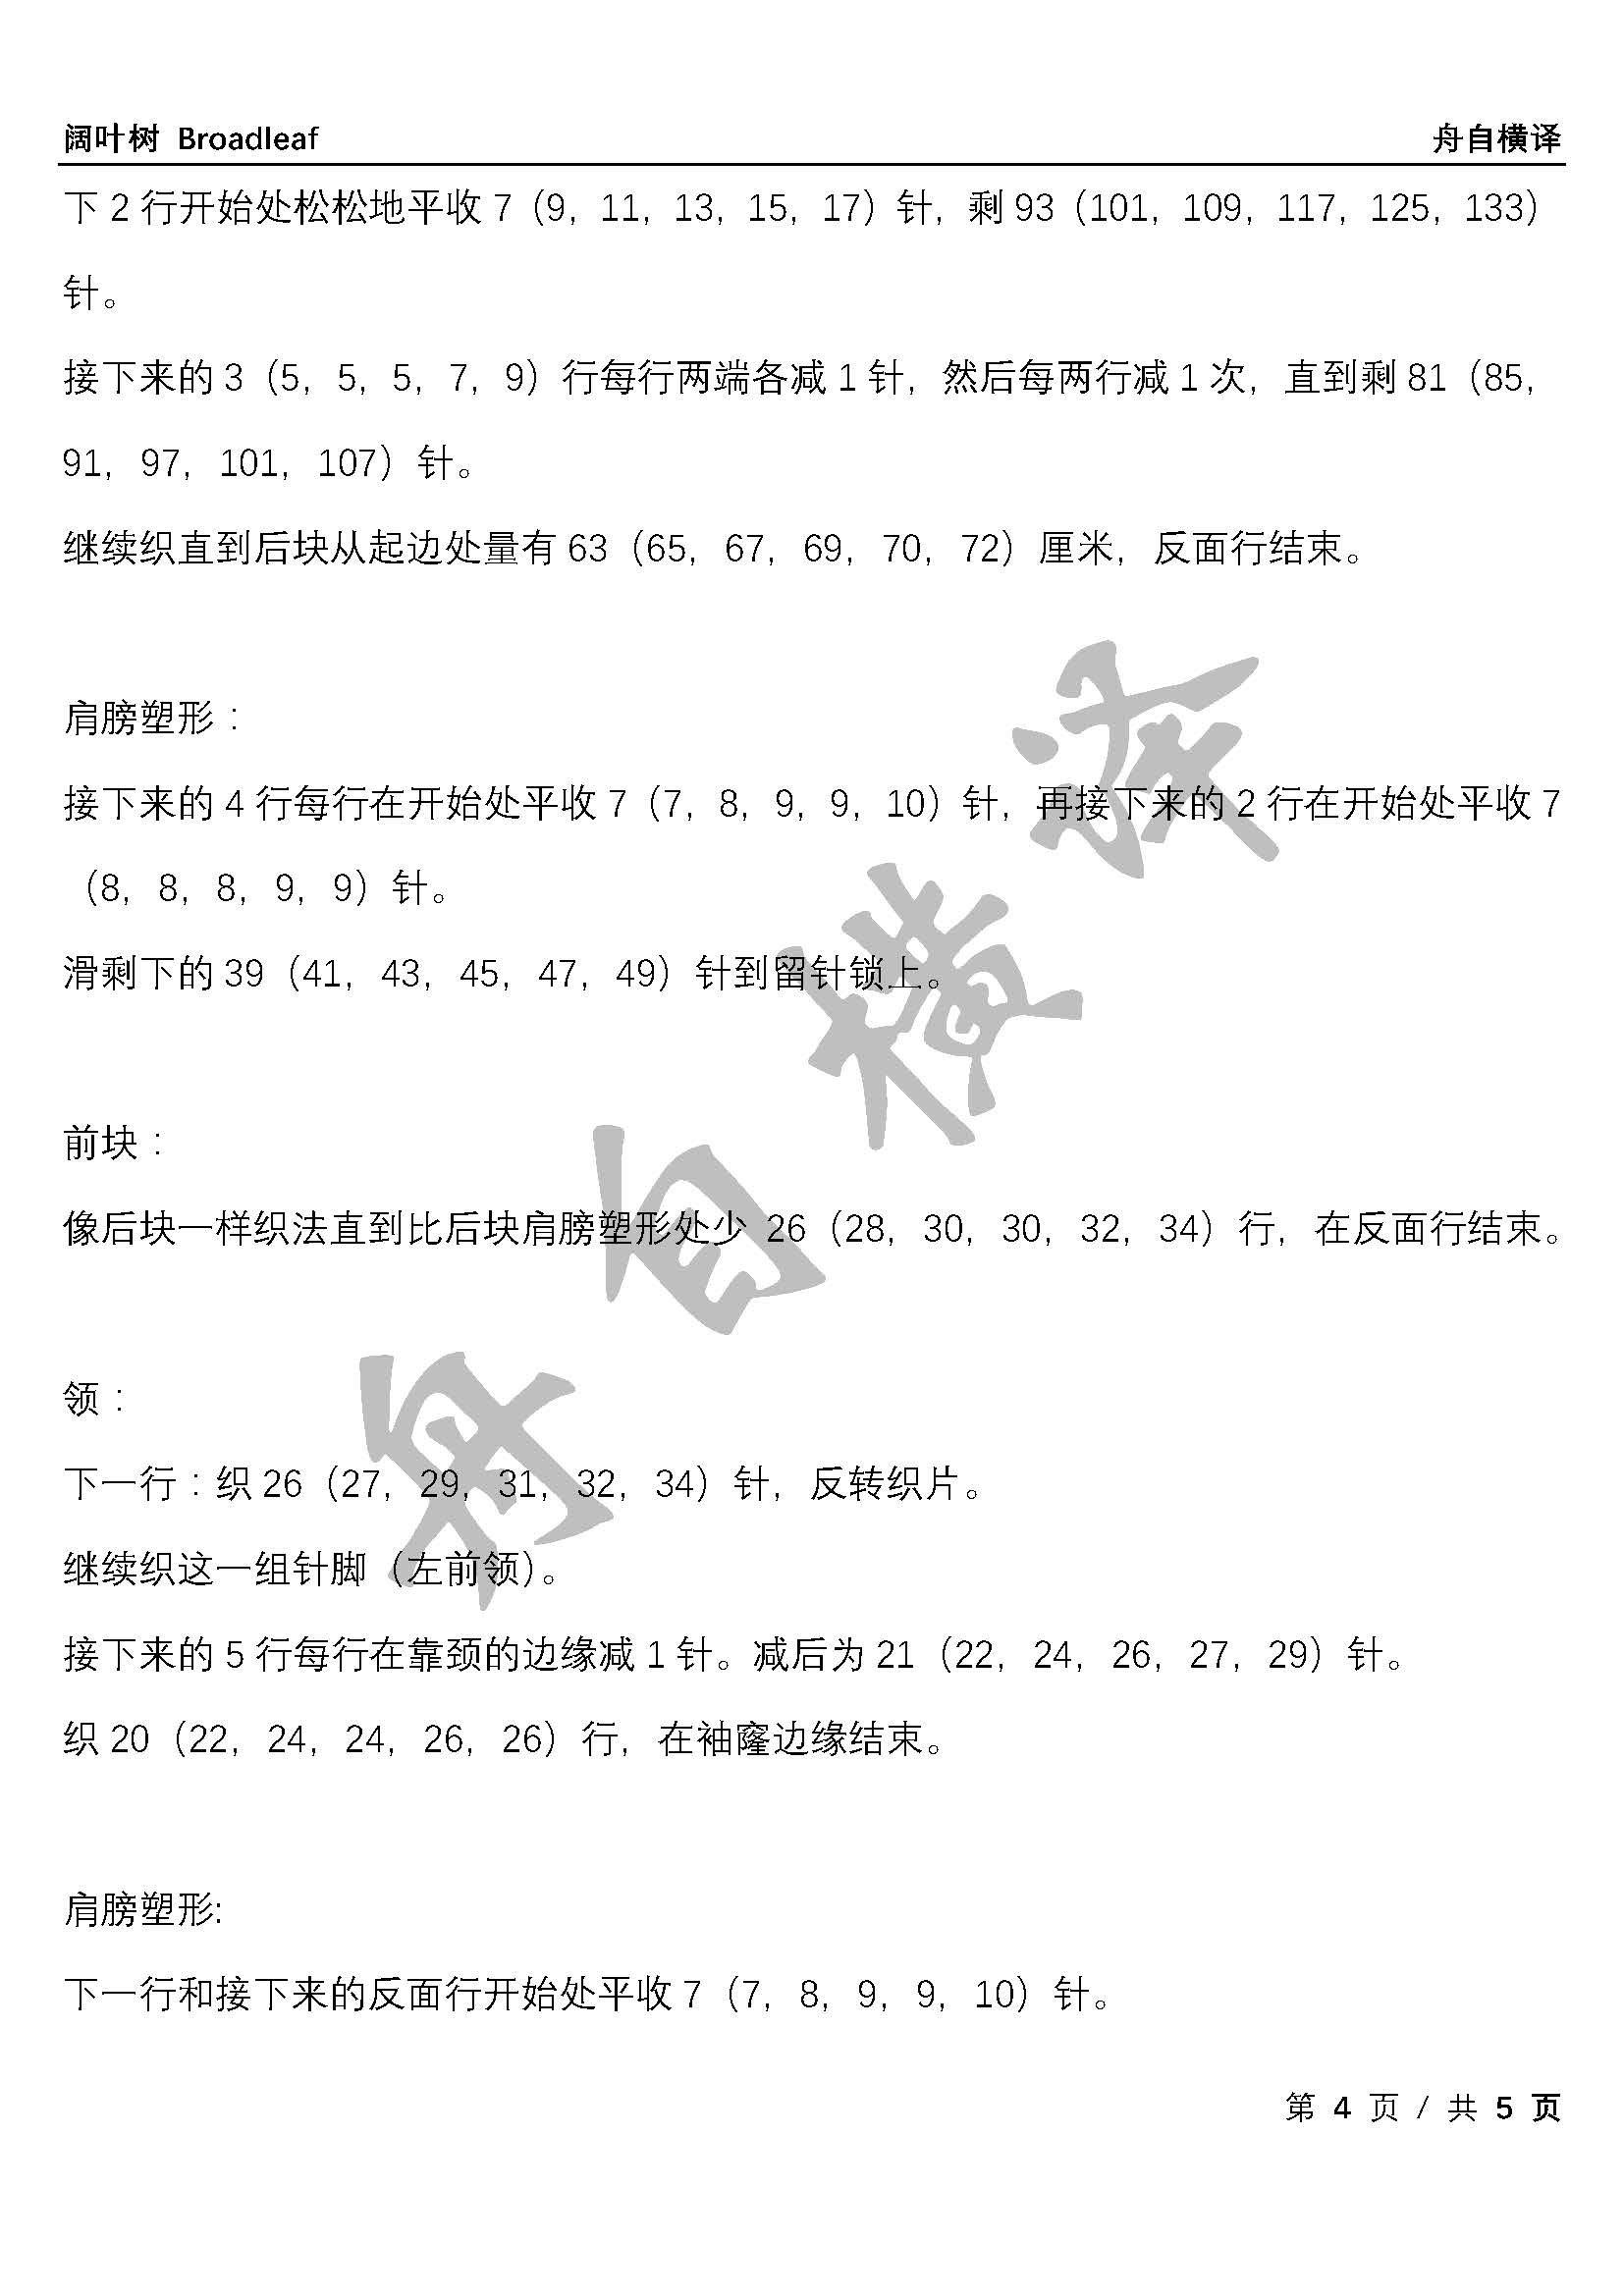 阔叶树译文_页面_4.jpg